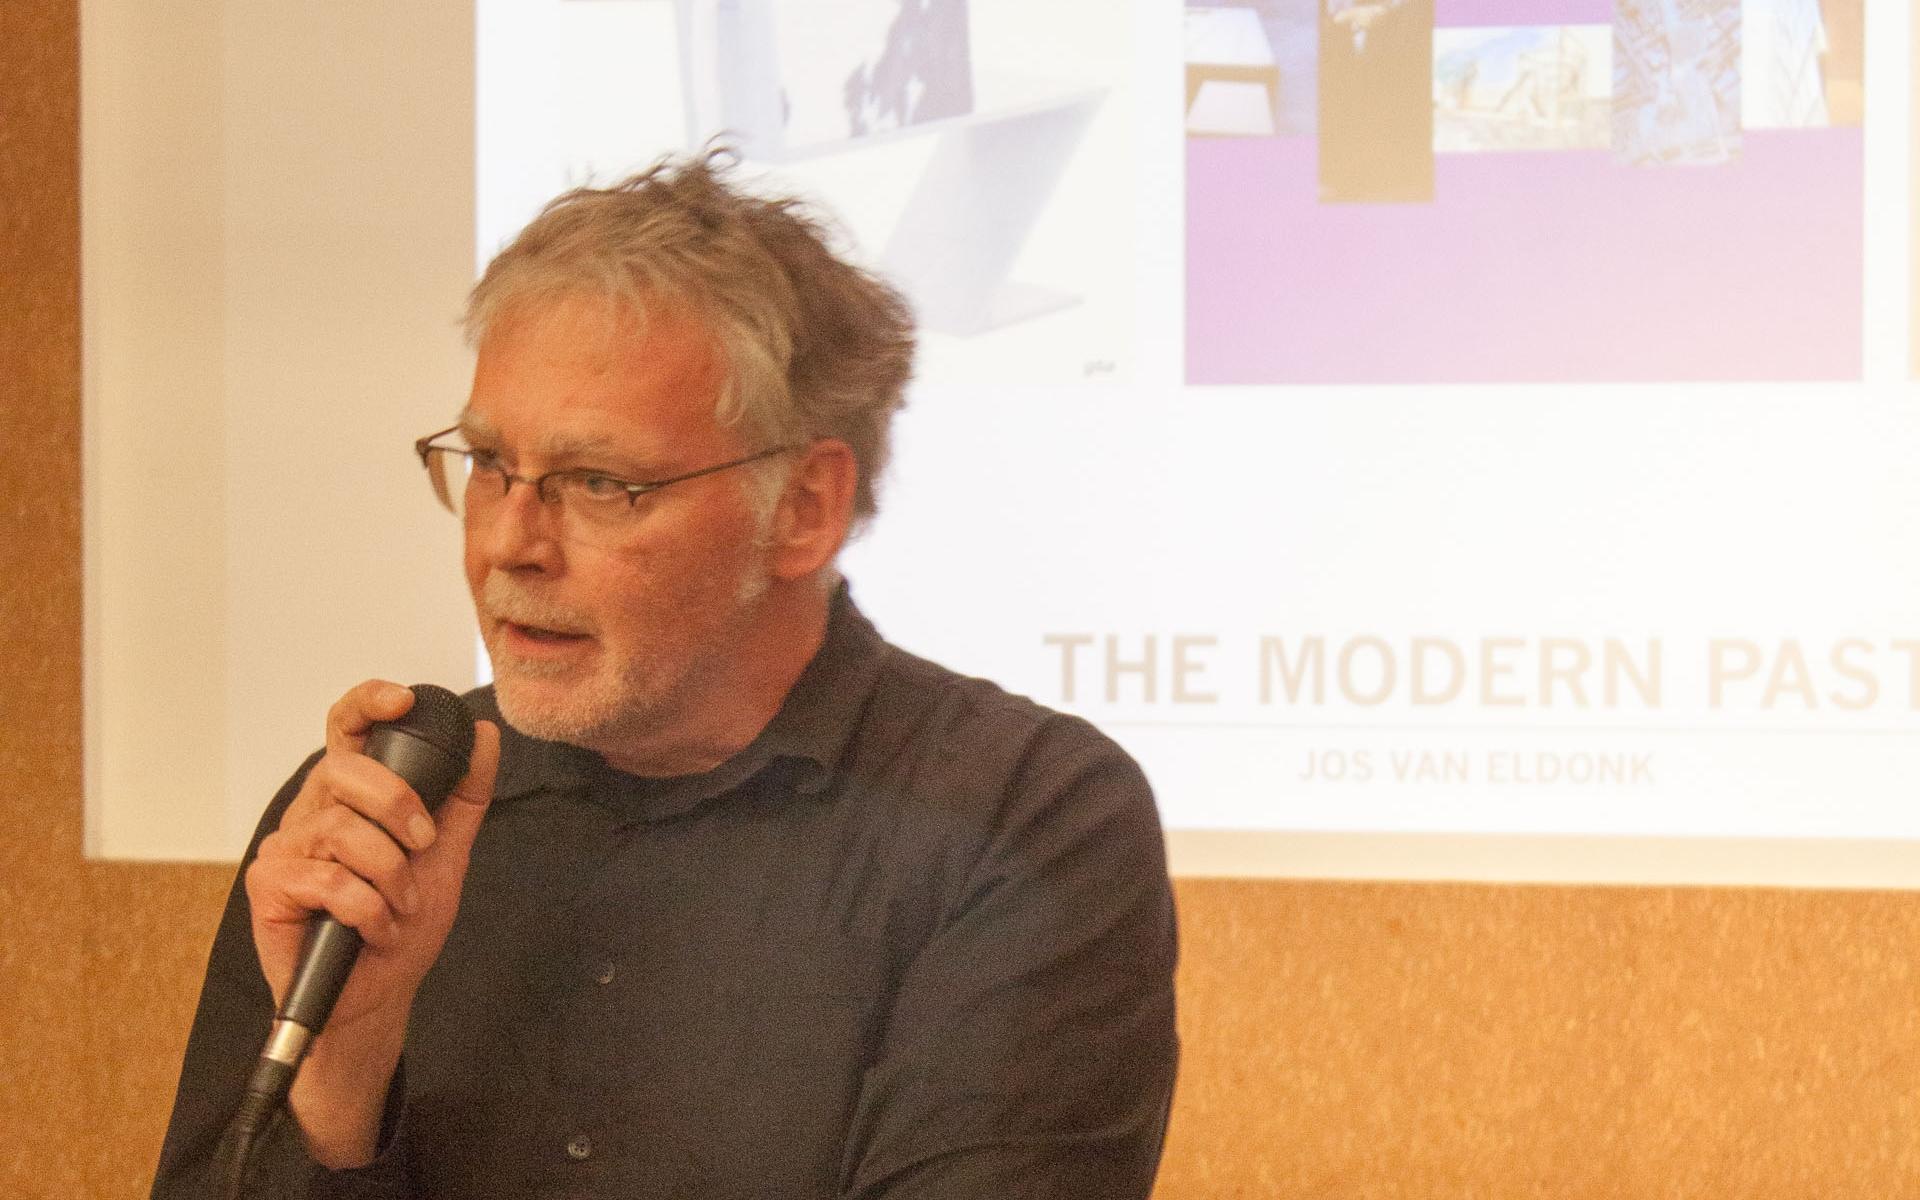 The (De)Construction of the Eindhoven School - lecture by Chris van Langen and Jos van eldonk